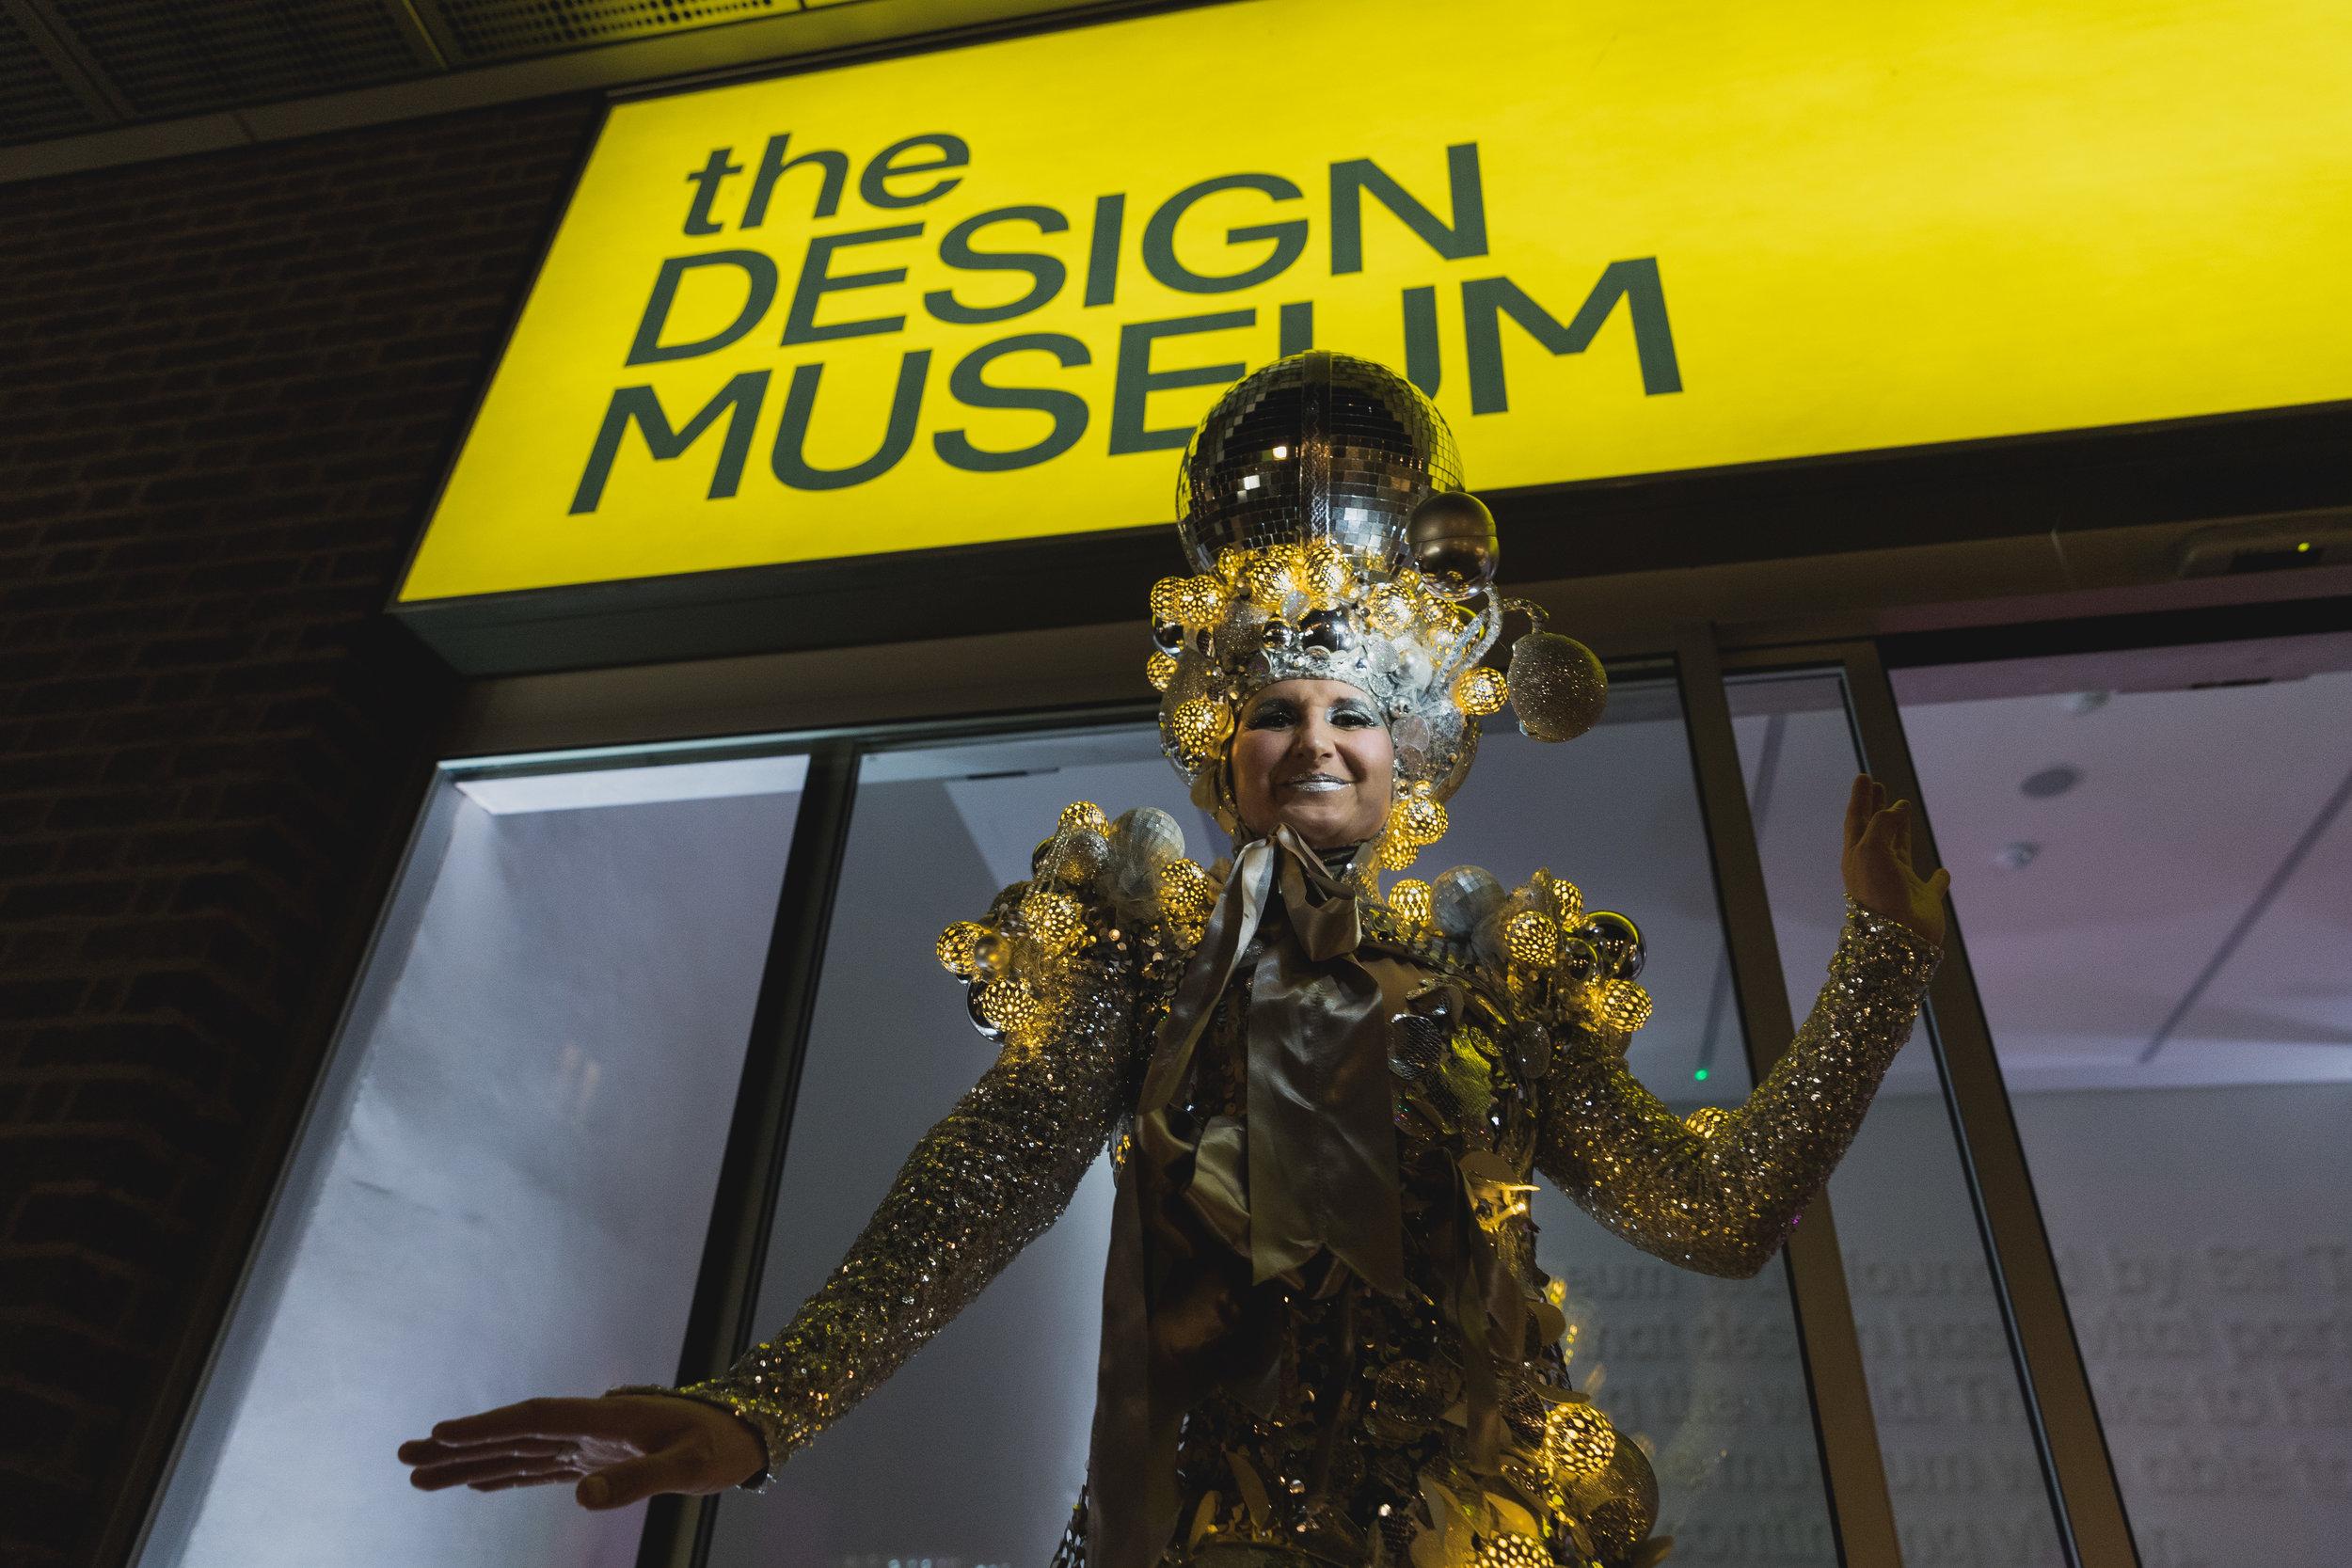 Creventive Design Museum Events Private